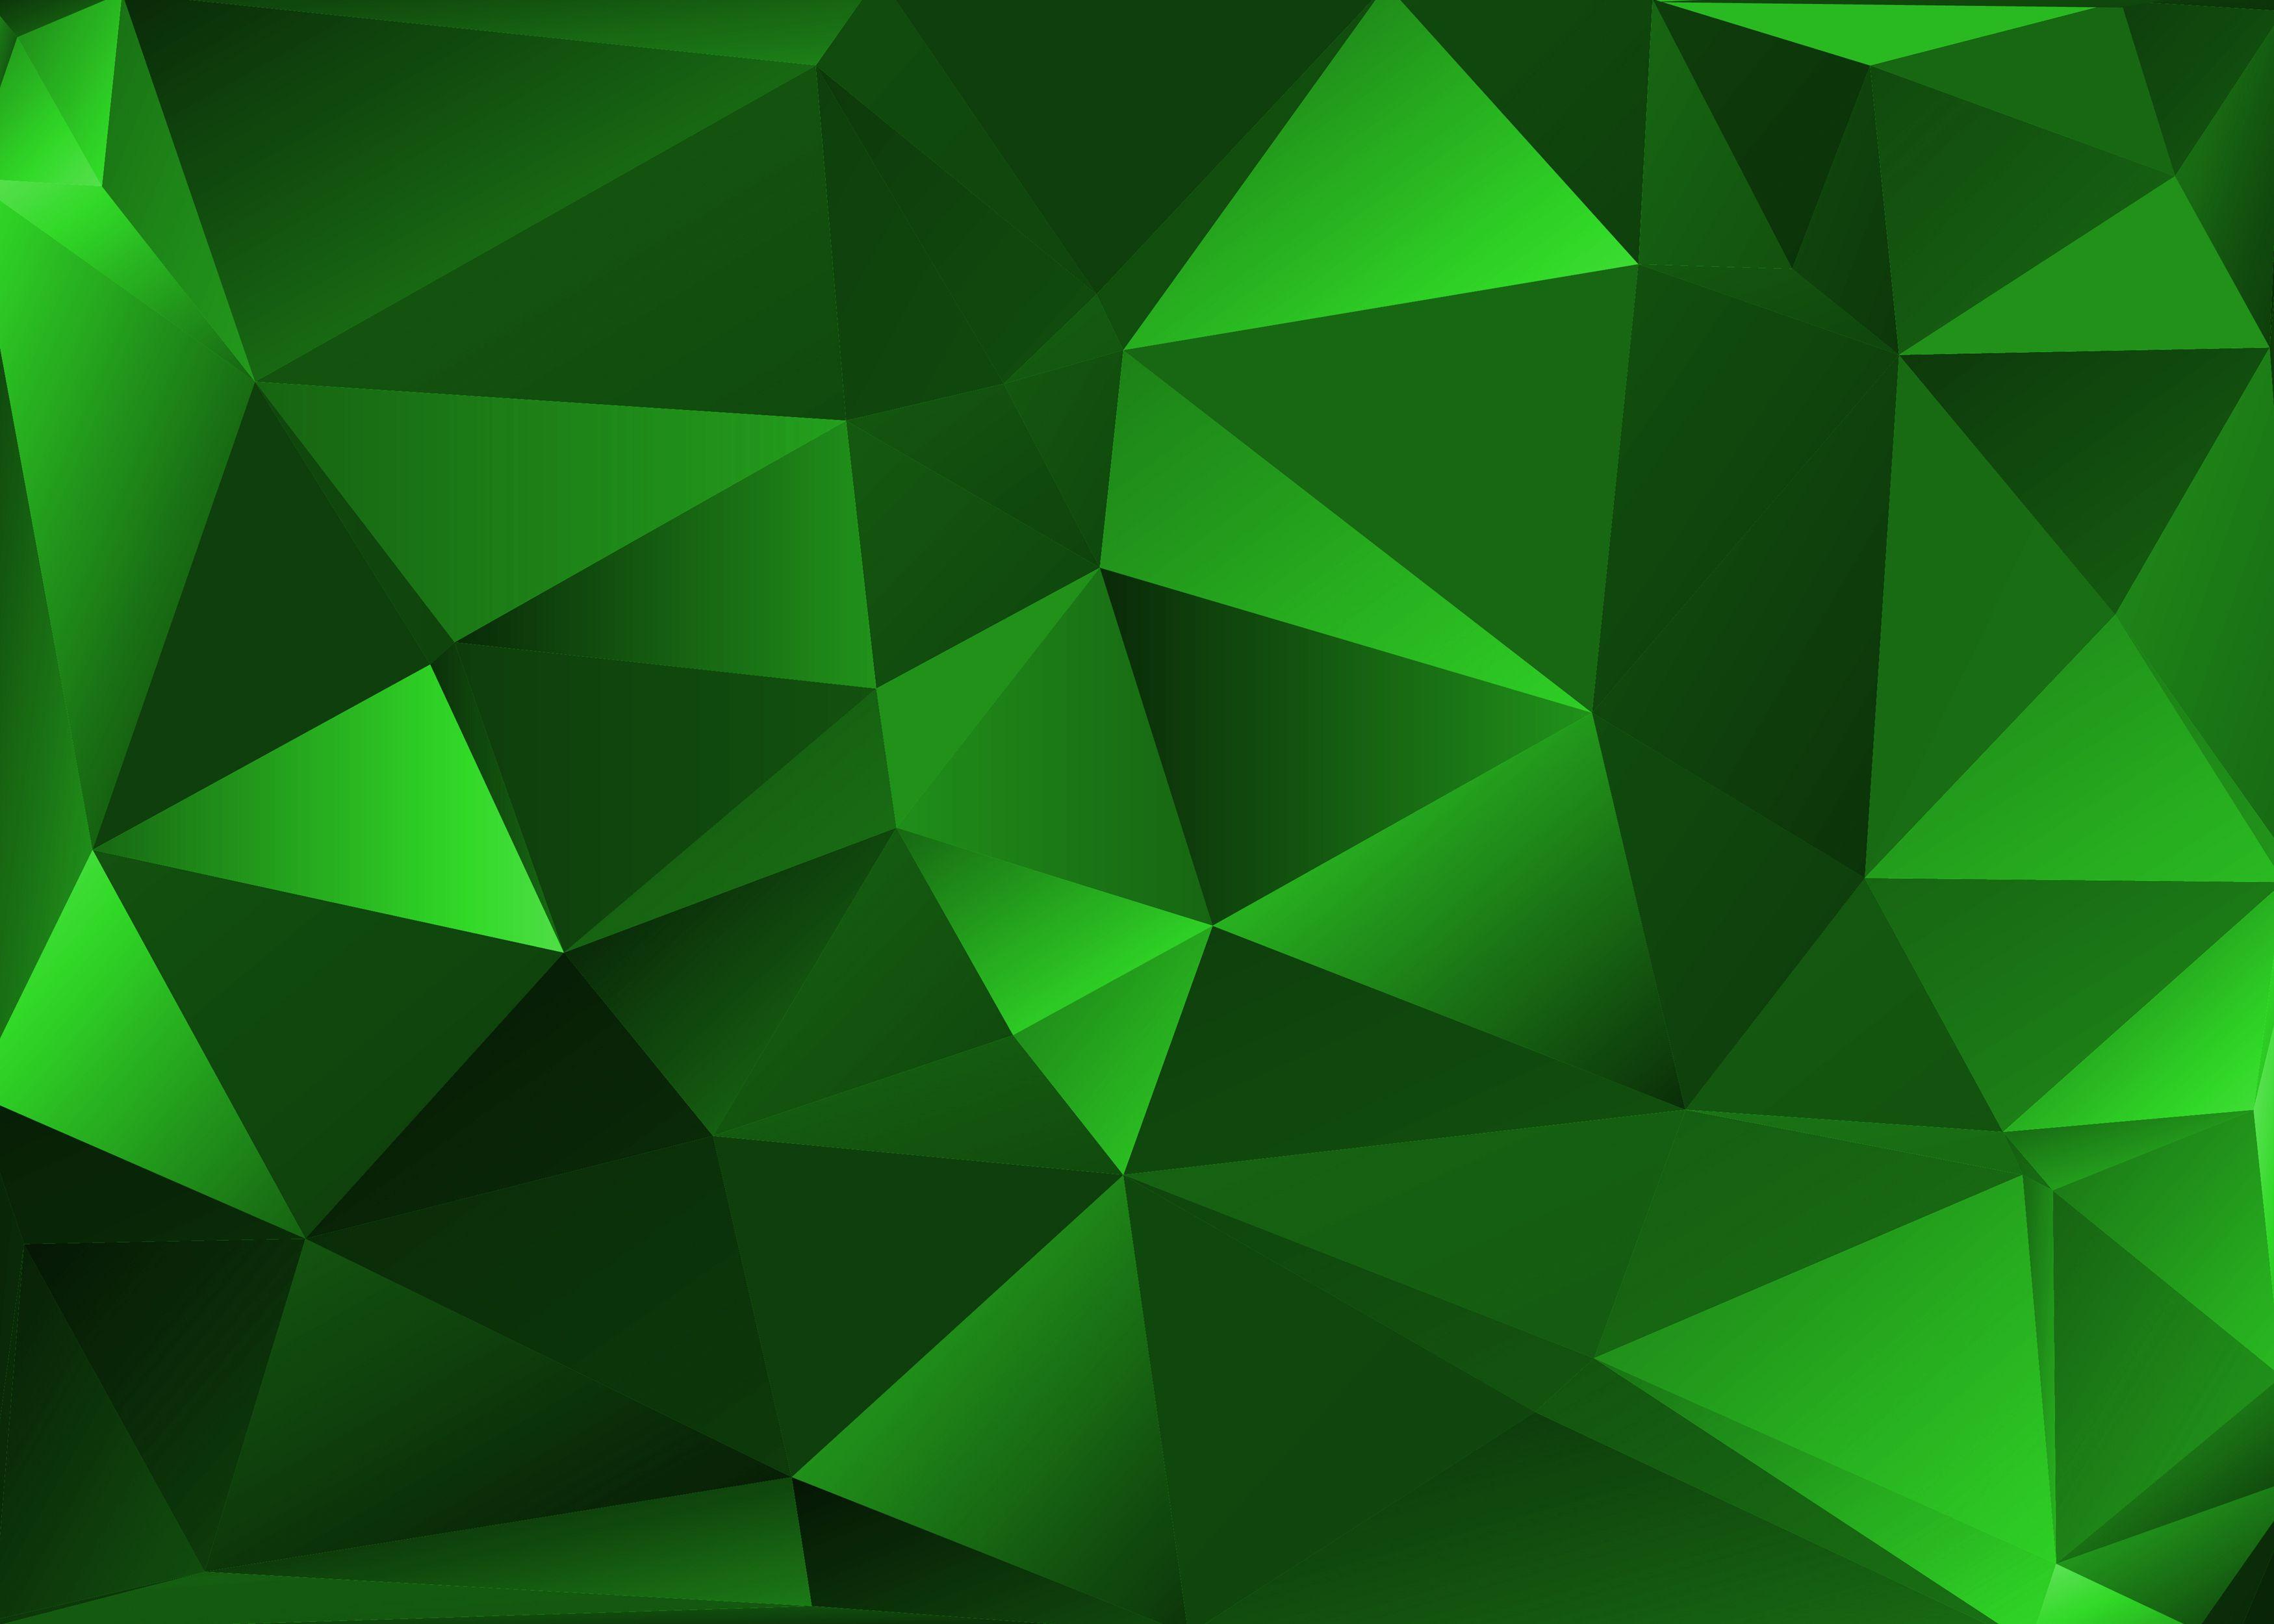 Green Wallpapers for Desktop